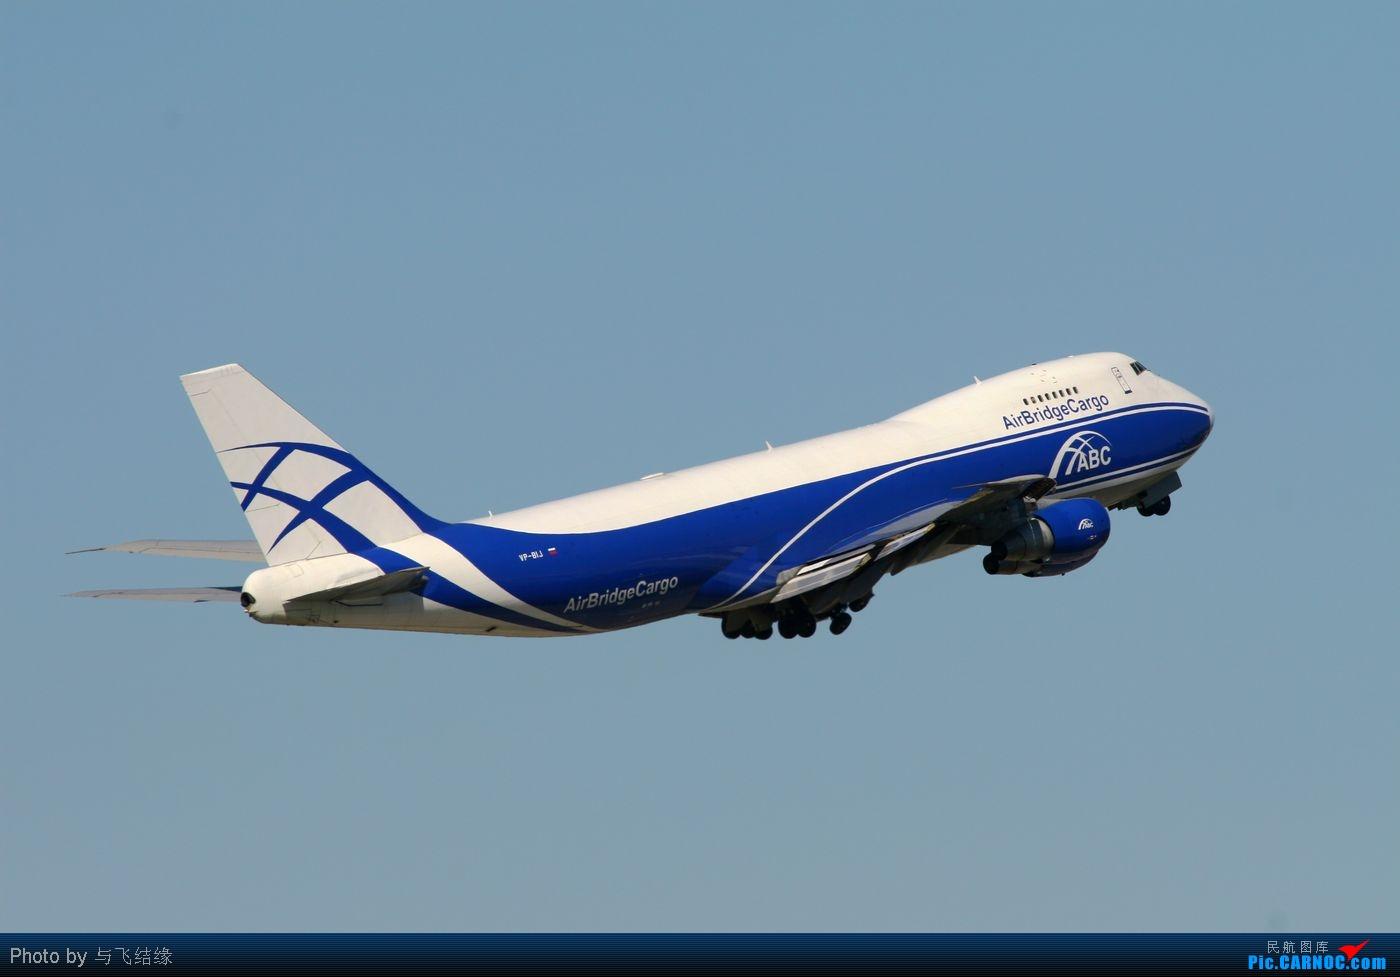 中俄联合研制大型运输飞机